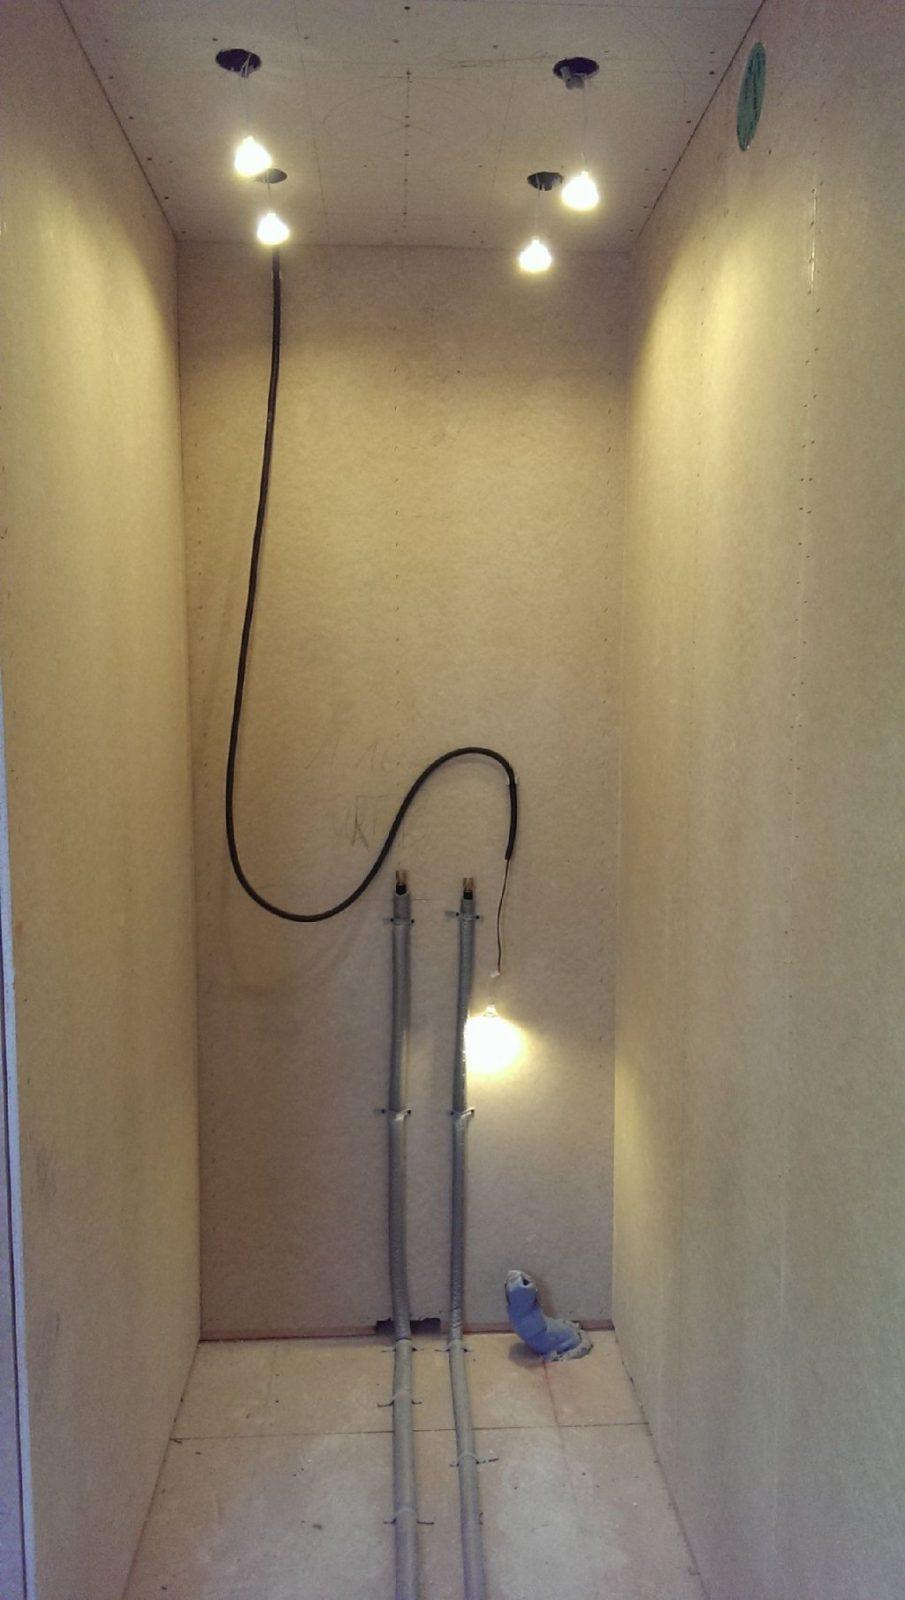 Lampe Dusche Wasserdicht Wasserdichte Beleuchtung Dusche Batterie von Bilder Beleuchtung Mit Batterie Bild